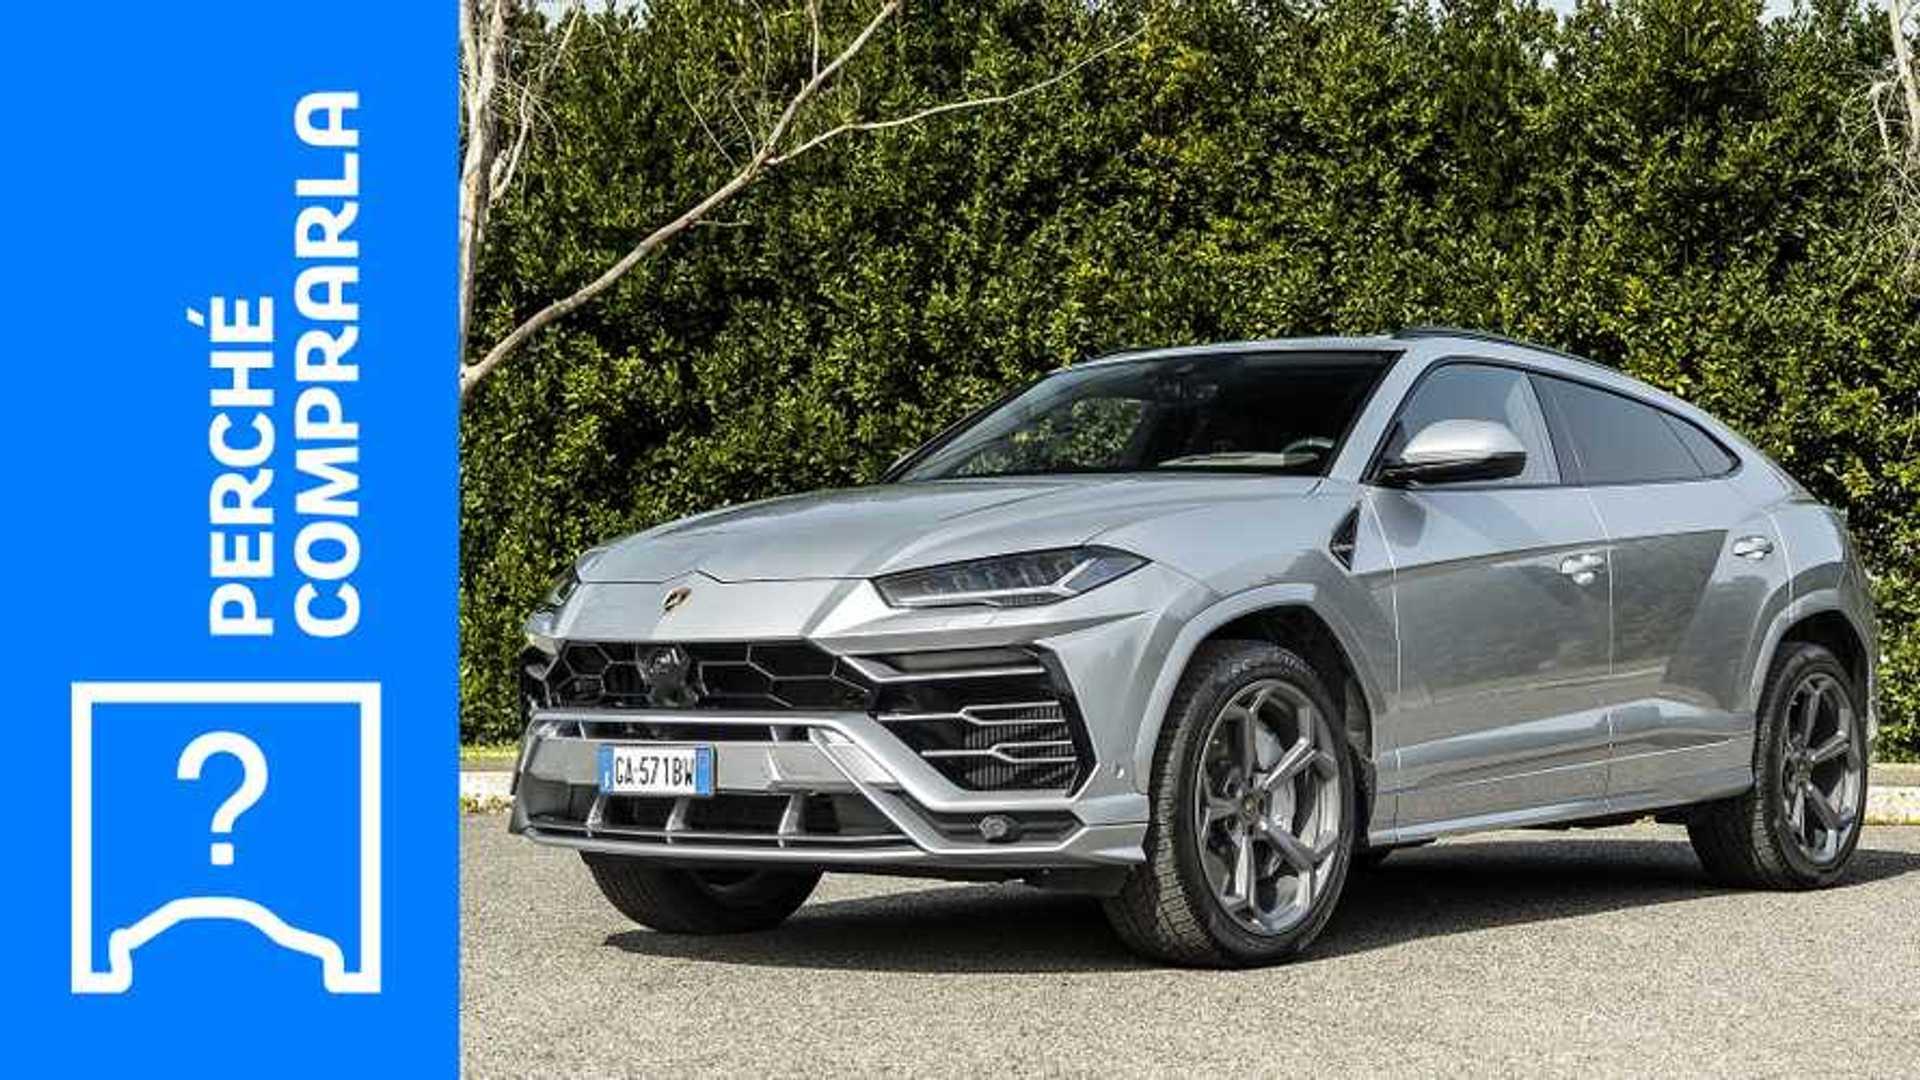 Lamborghini Urus (2021), perché comprarla e perché no